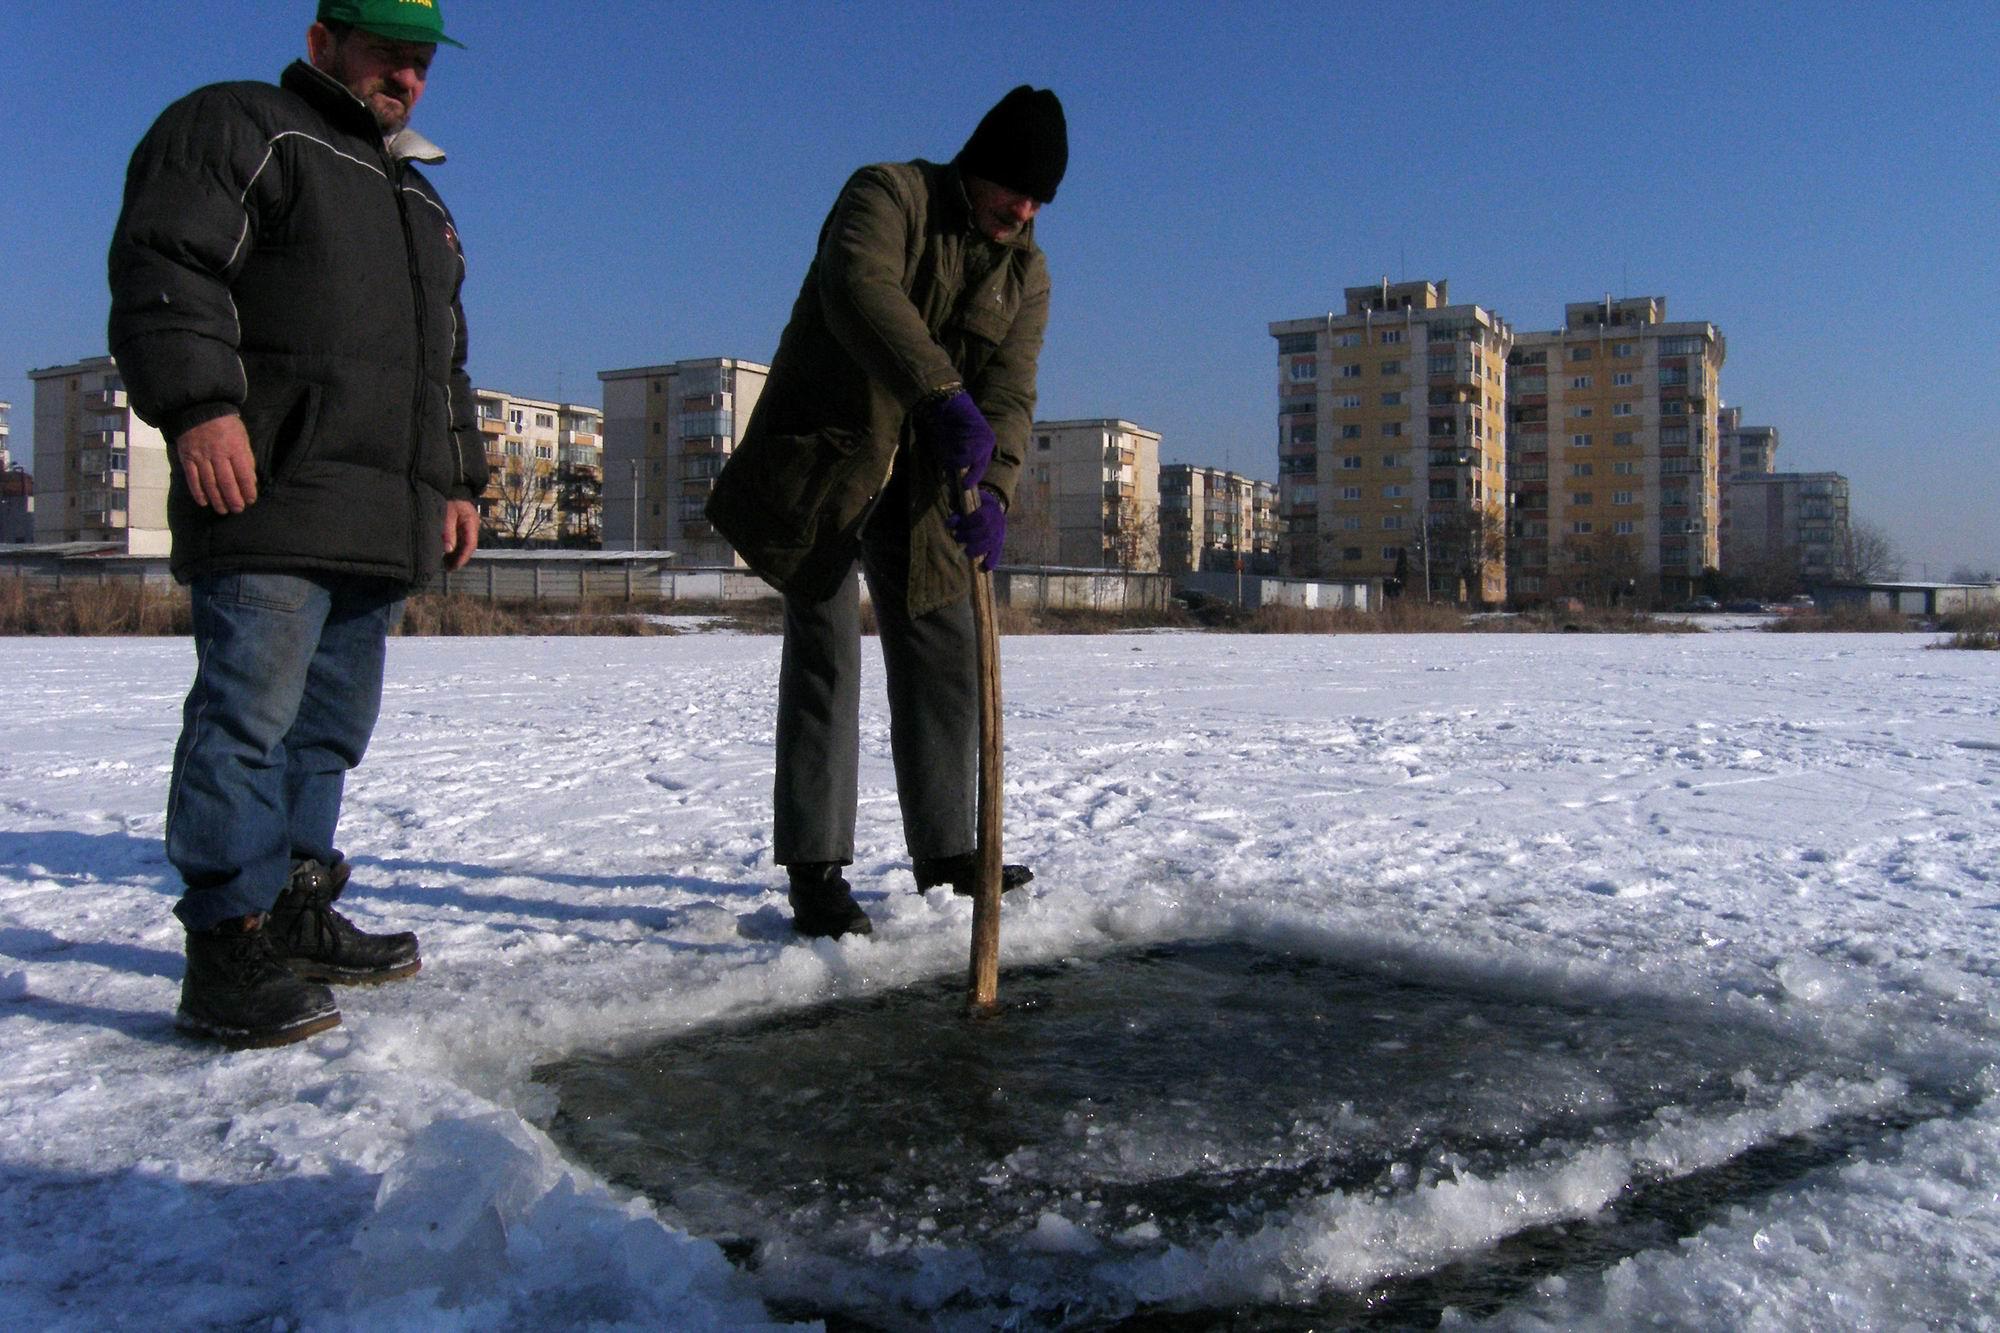 Doi pescari clujeni taie o copca, miercuri 25.01.2006,  in gheata groasa de peste 20cm, pe un lac din cartierul clujean Marasti. In cursul acestei dimineti s-au interistrat la Cluj-Napoca temperaturi de - 20 gradde Celsius.